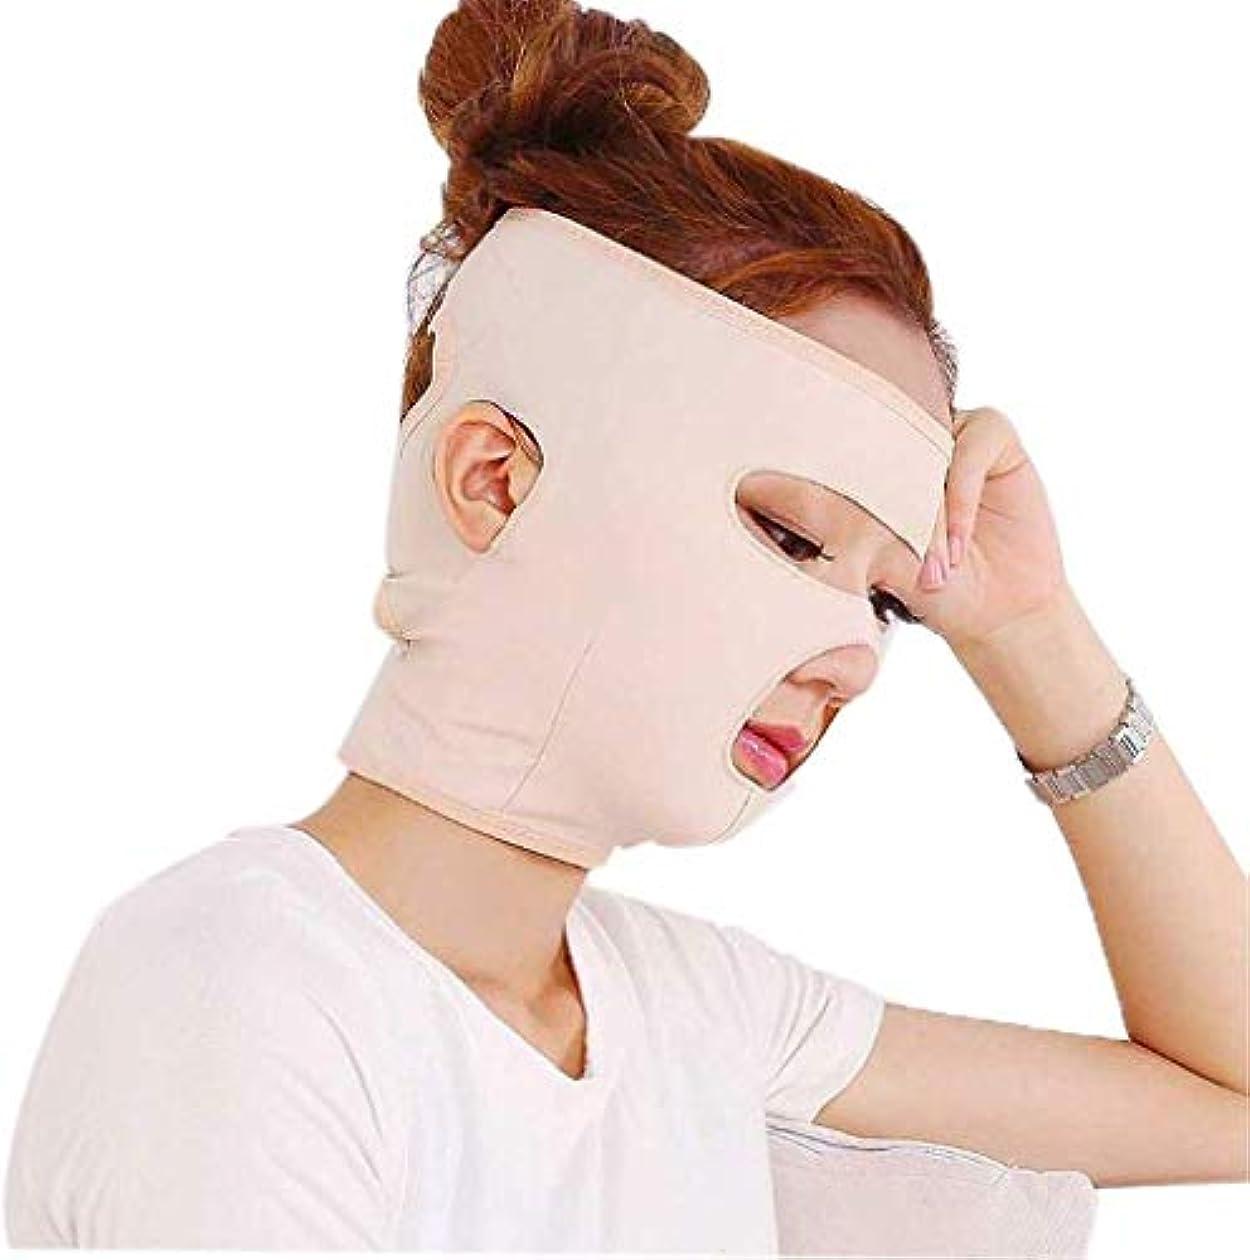 パーフェルビッド人生を作る配当美容と実用的なフェイスリフティングマスク、フルフェイス通気性の術後回復包帯リフティングファーミングスキンリダクションによる小さなVフェイスマスクの作成(サイズ:M)